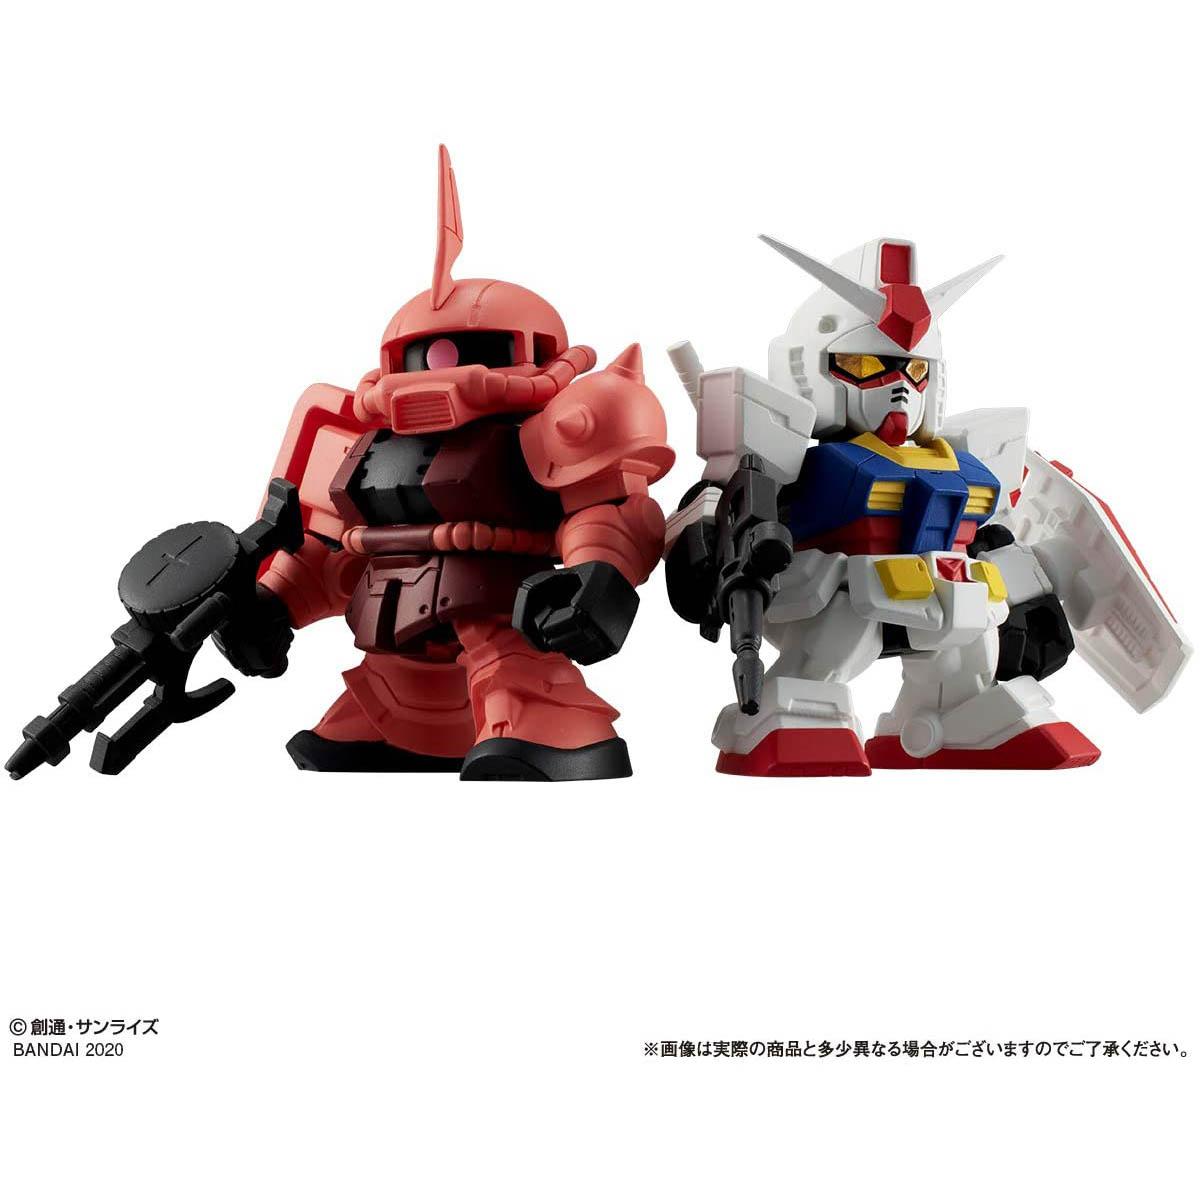 【ガシャポン】機動戦士ガンダム『ガシャポン戦士フォルテ11』12個入りBOX-001